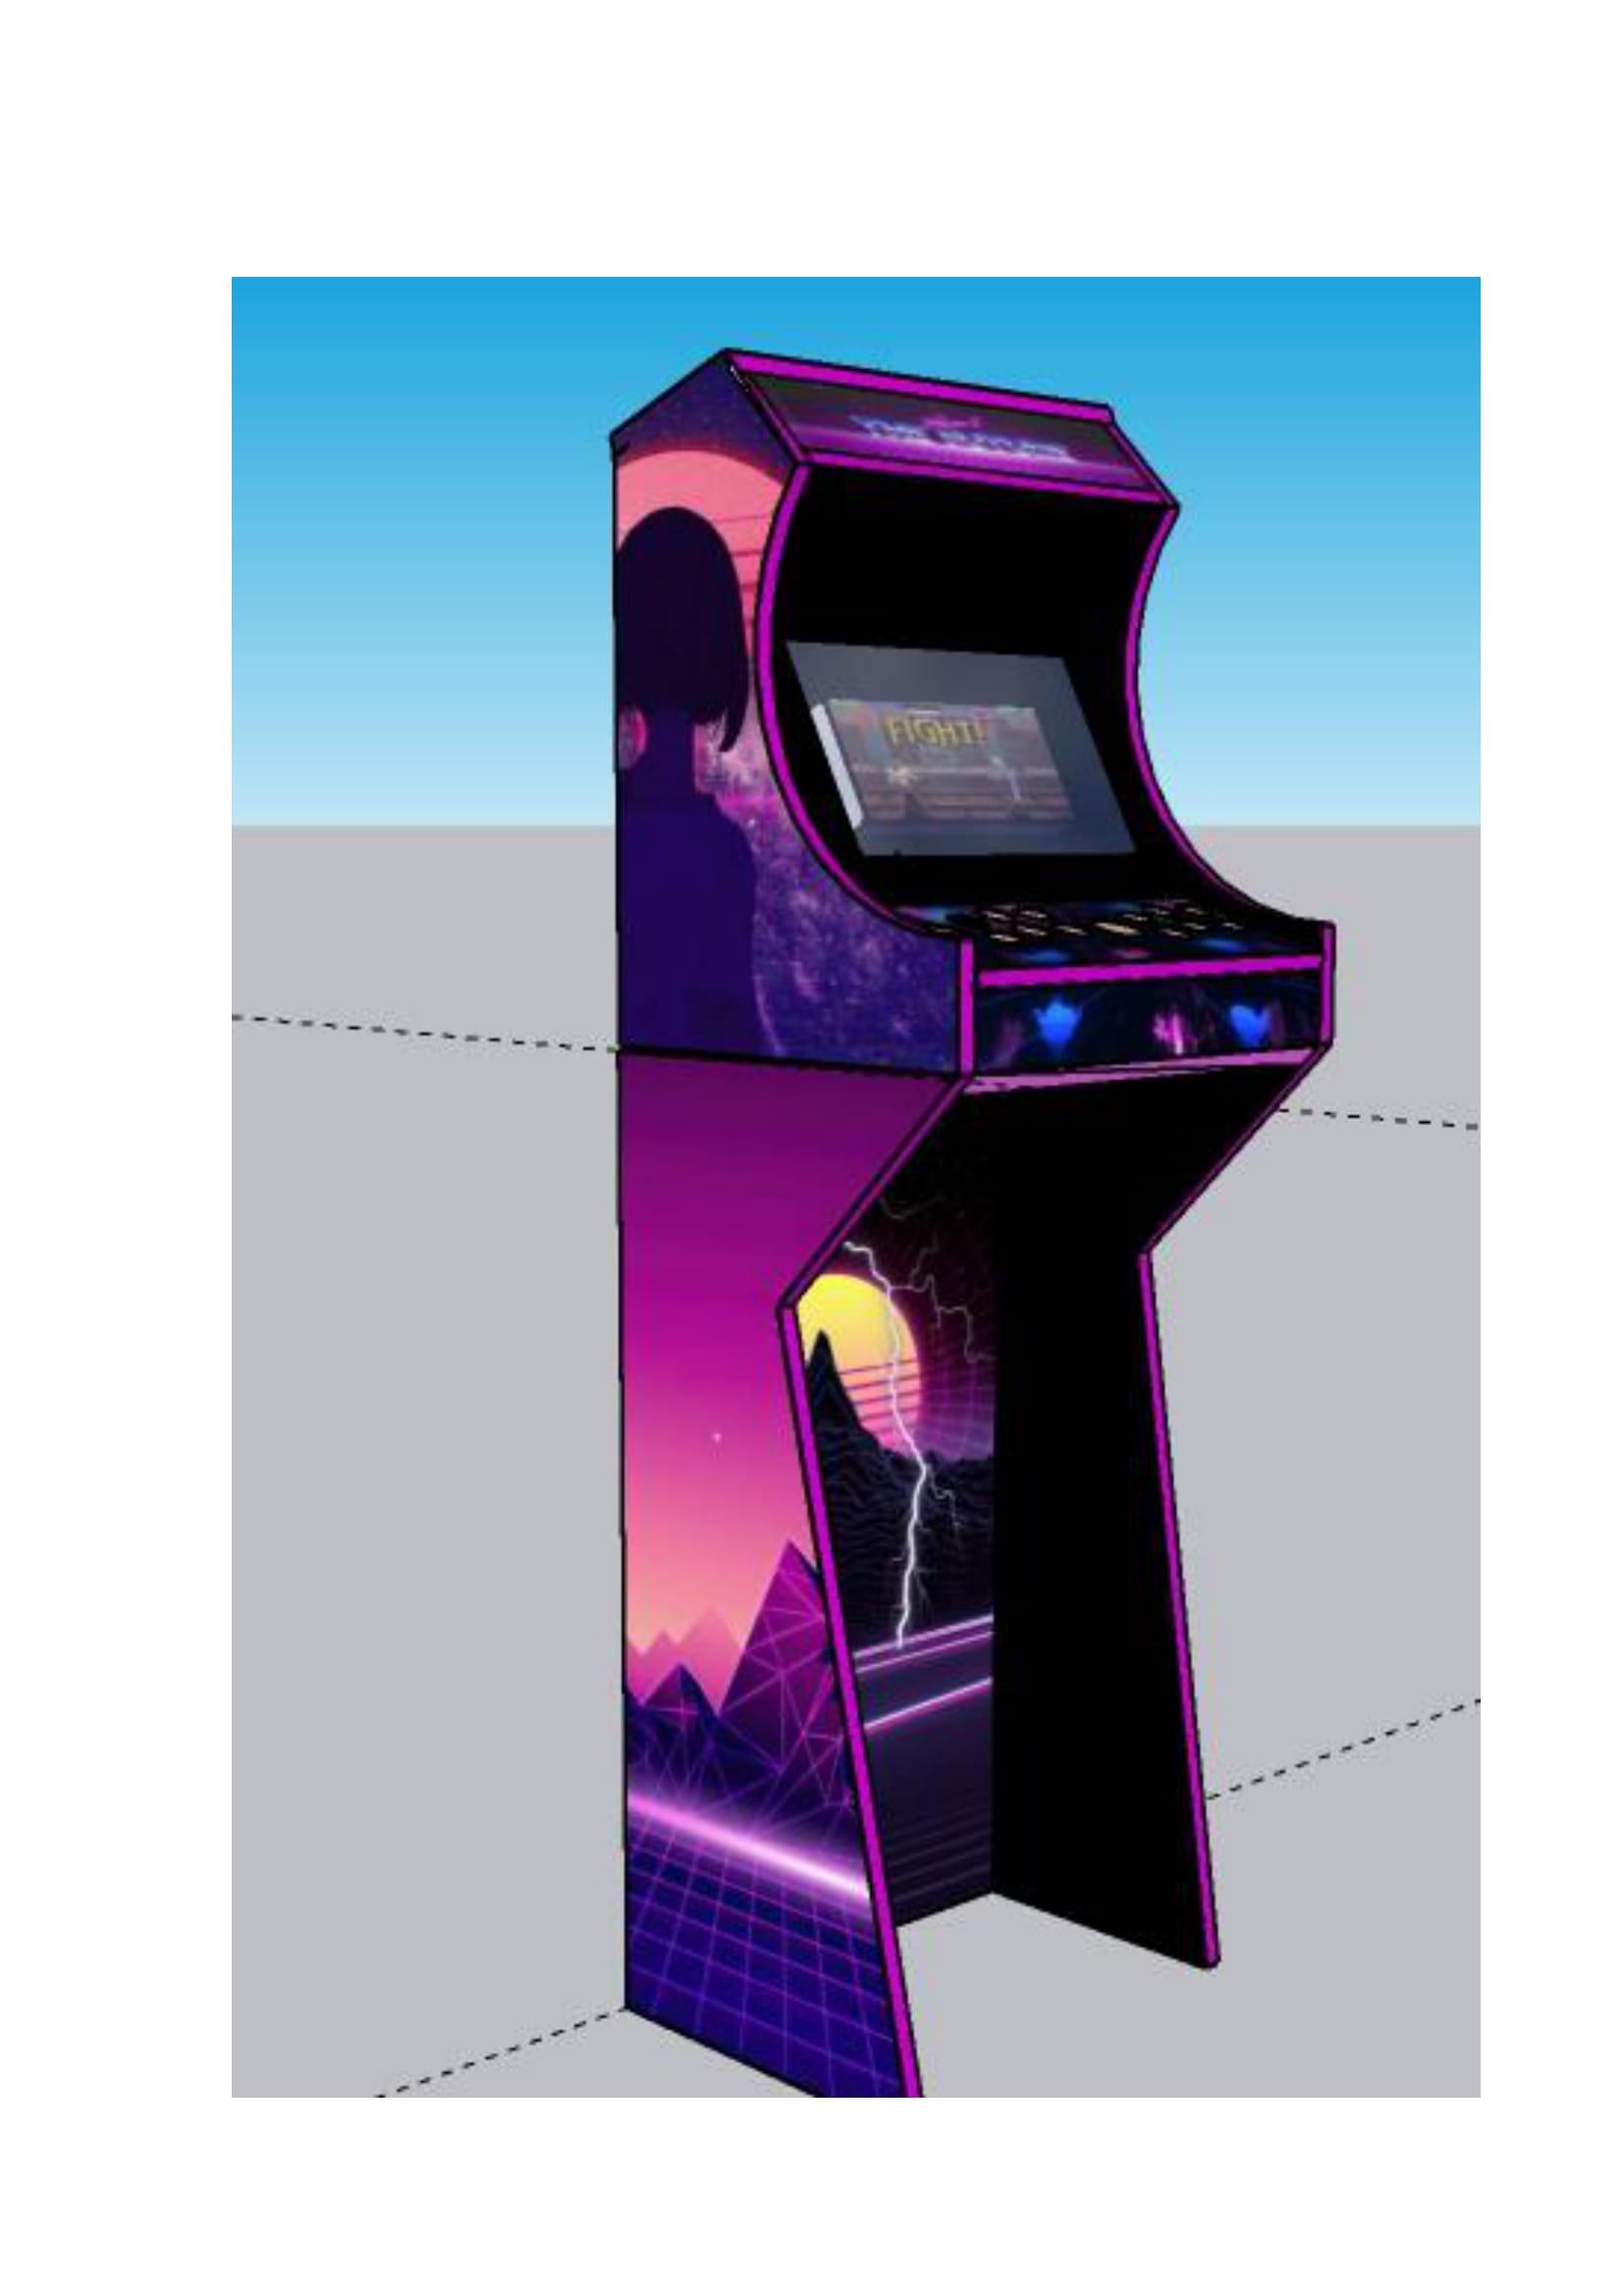 Аркадный игровой автомат что это игра золото ацтеков игровые автоматы